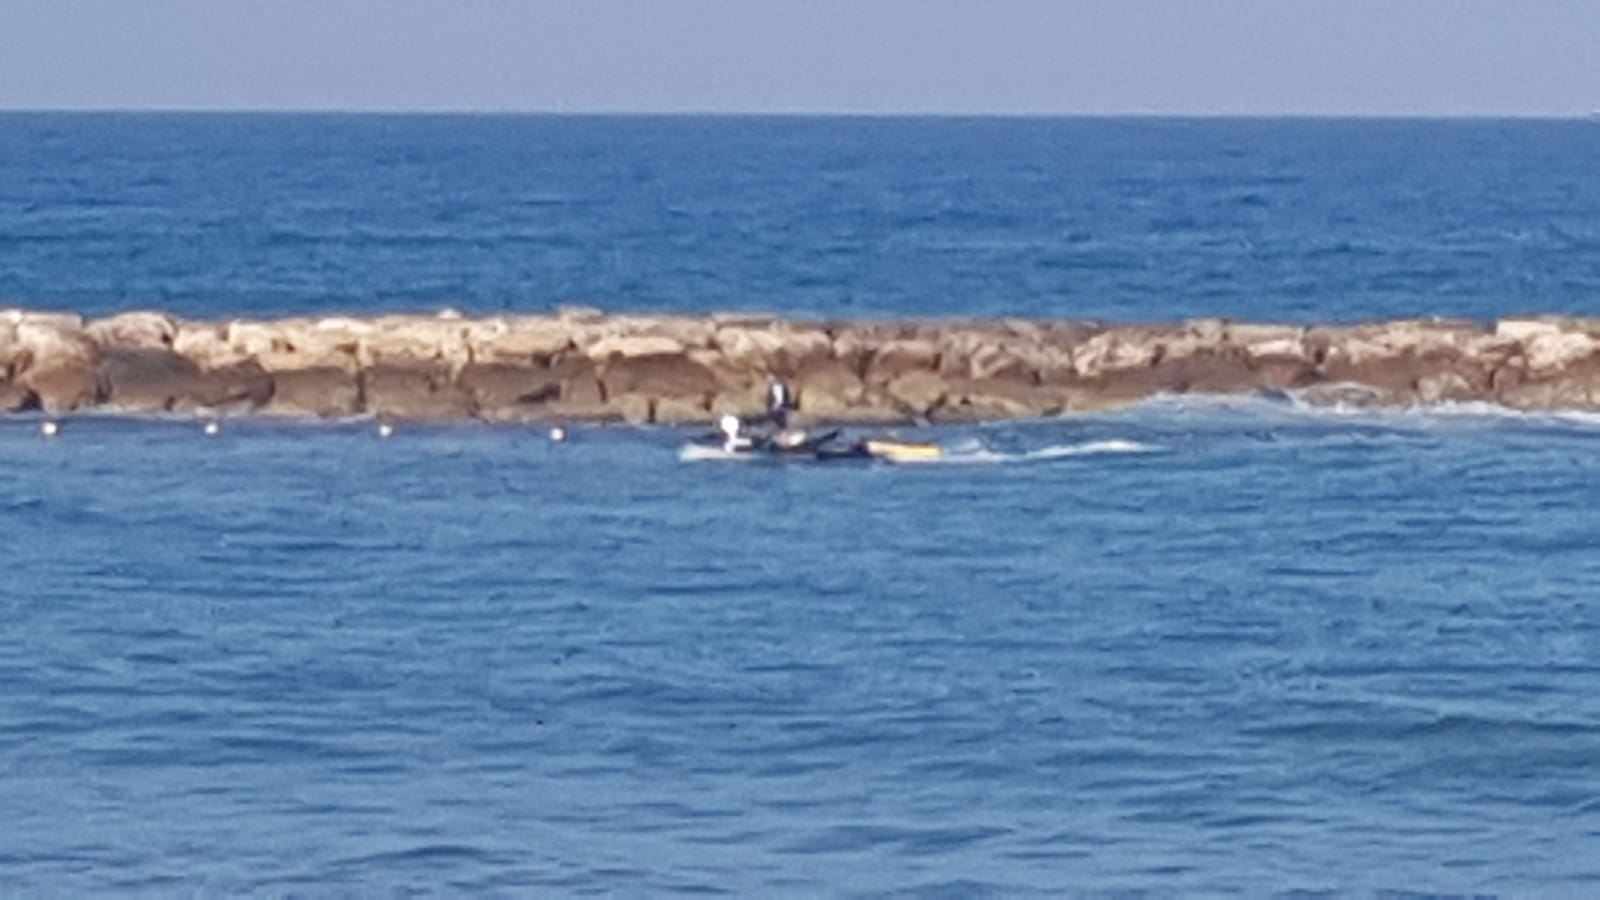 """Photo of משרדי הפנים והבריאות סגרו לרחצה את חוף """"מציצים"""" בת""""א, לאחר שנמצאו במים רמות חריגות של זיהום"""